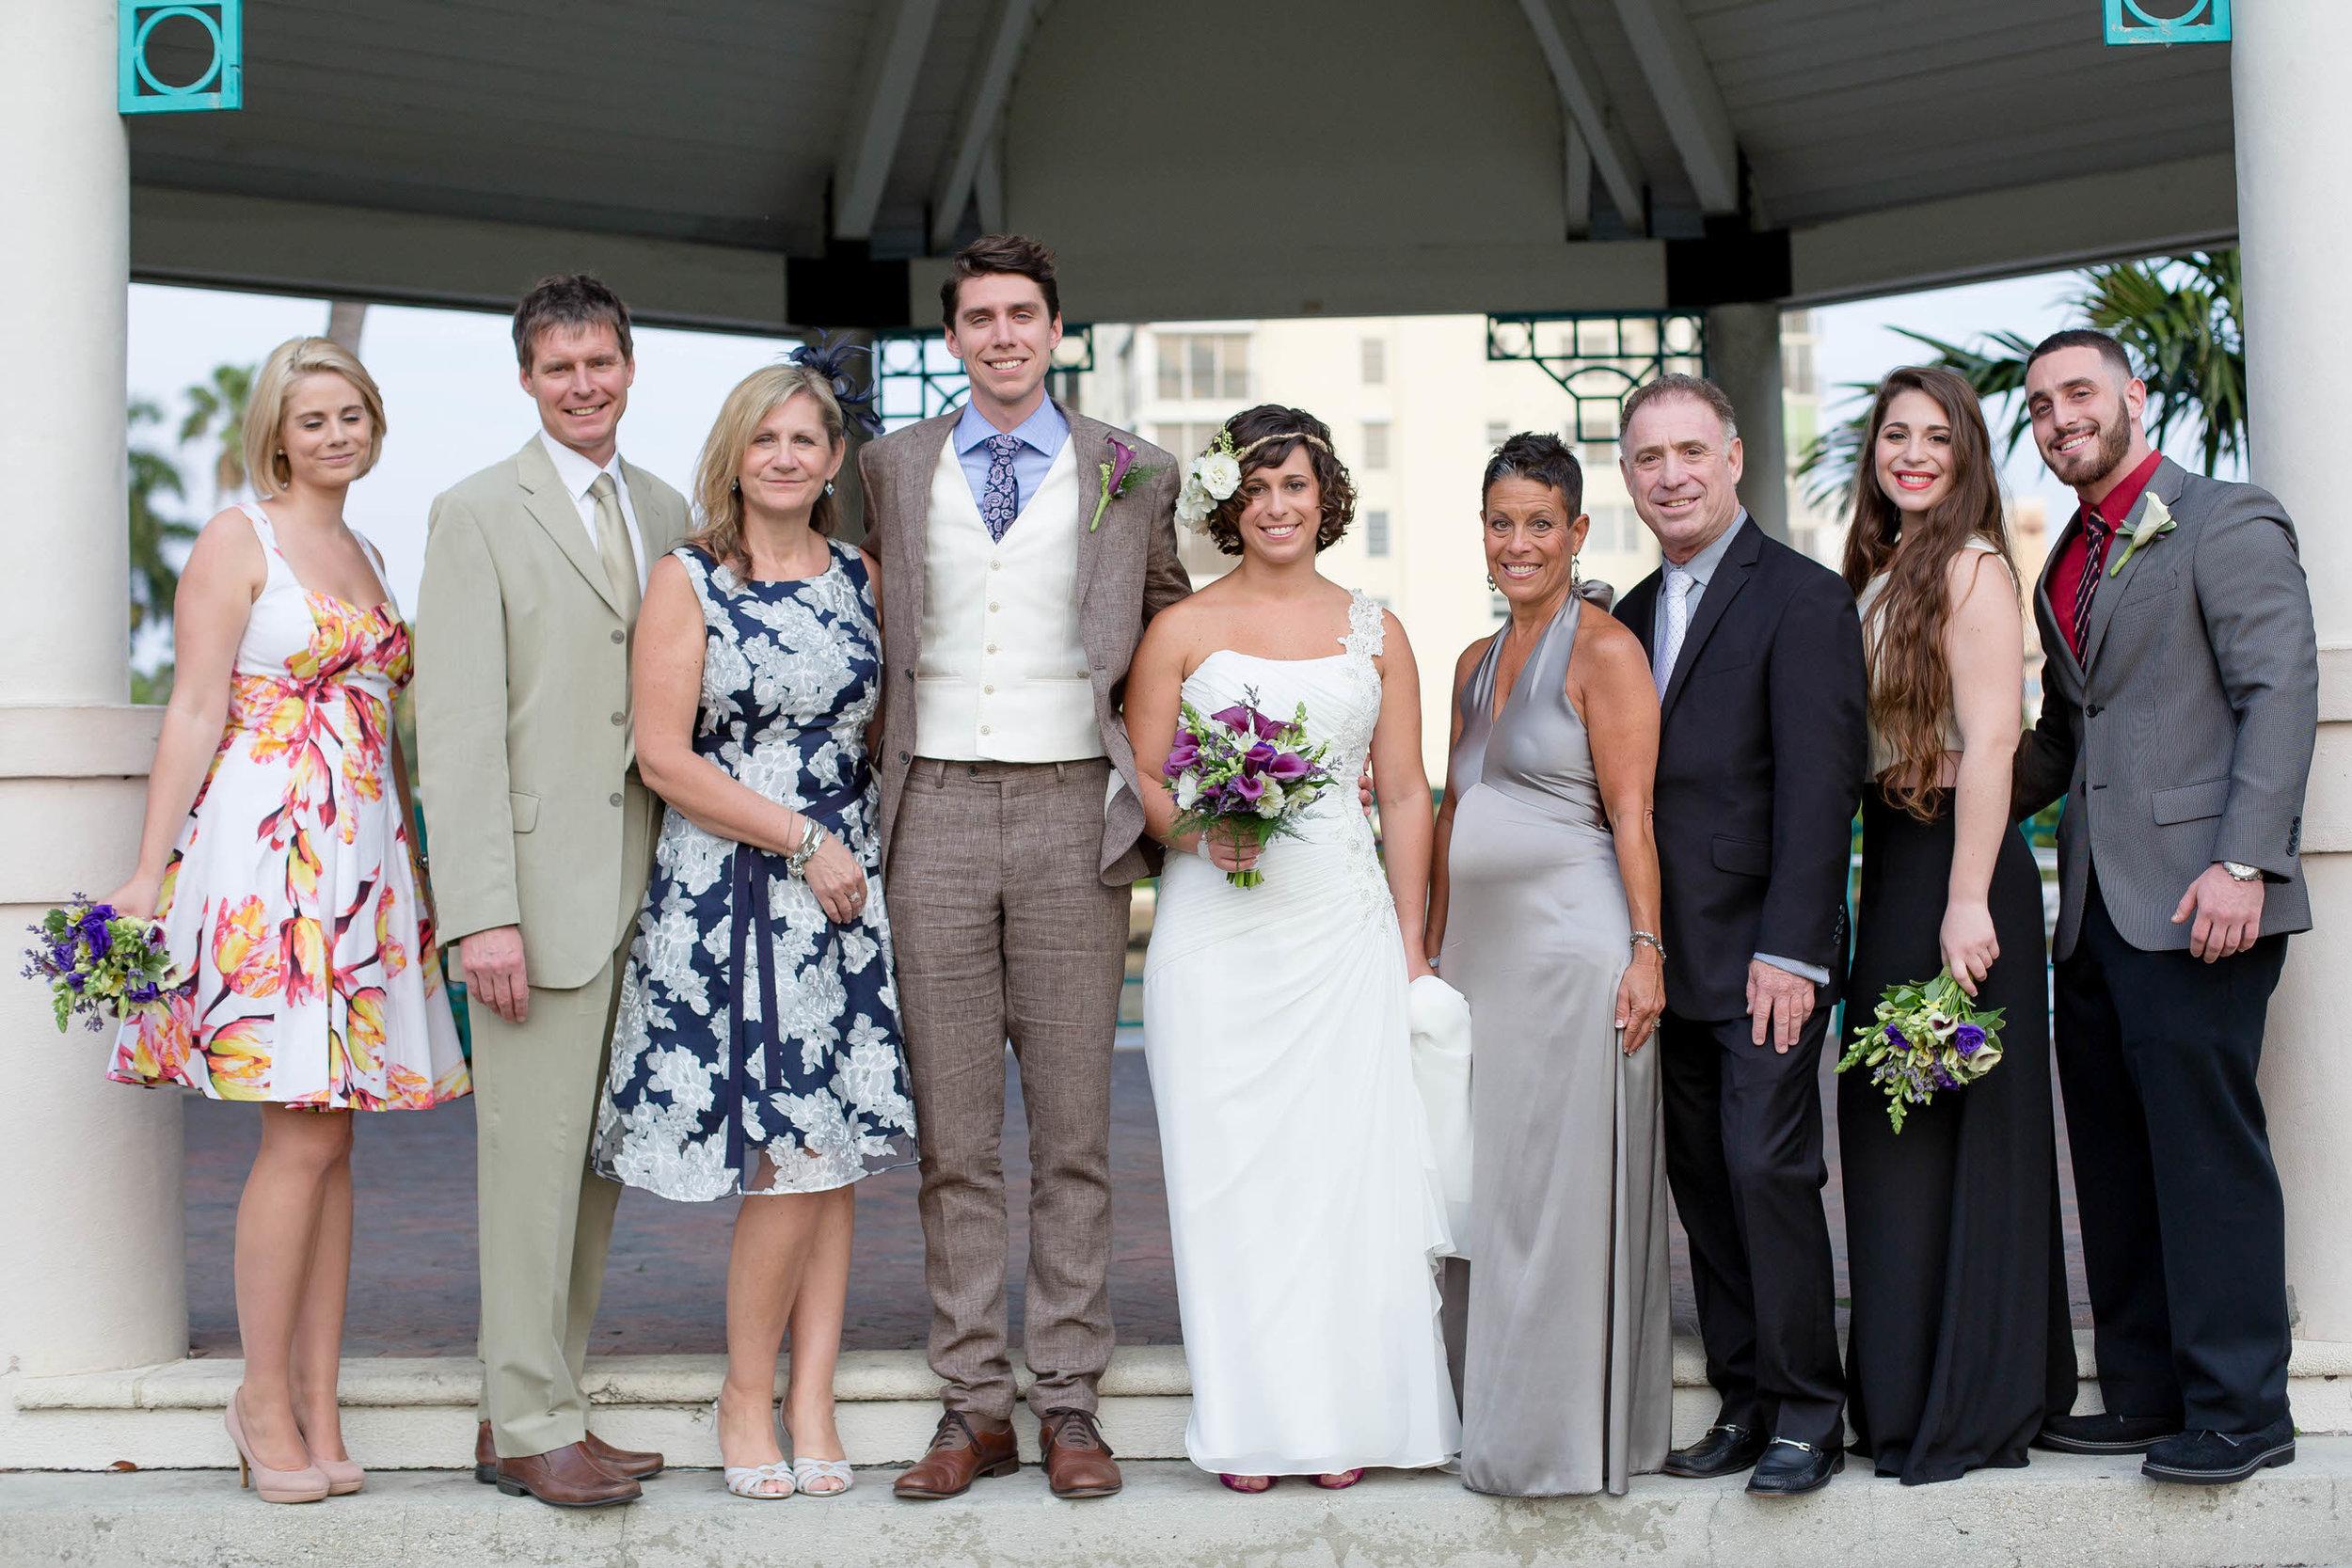 tiny-house-photo-family-formals-portraits-delray-wedding-photographer.jpg